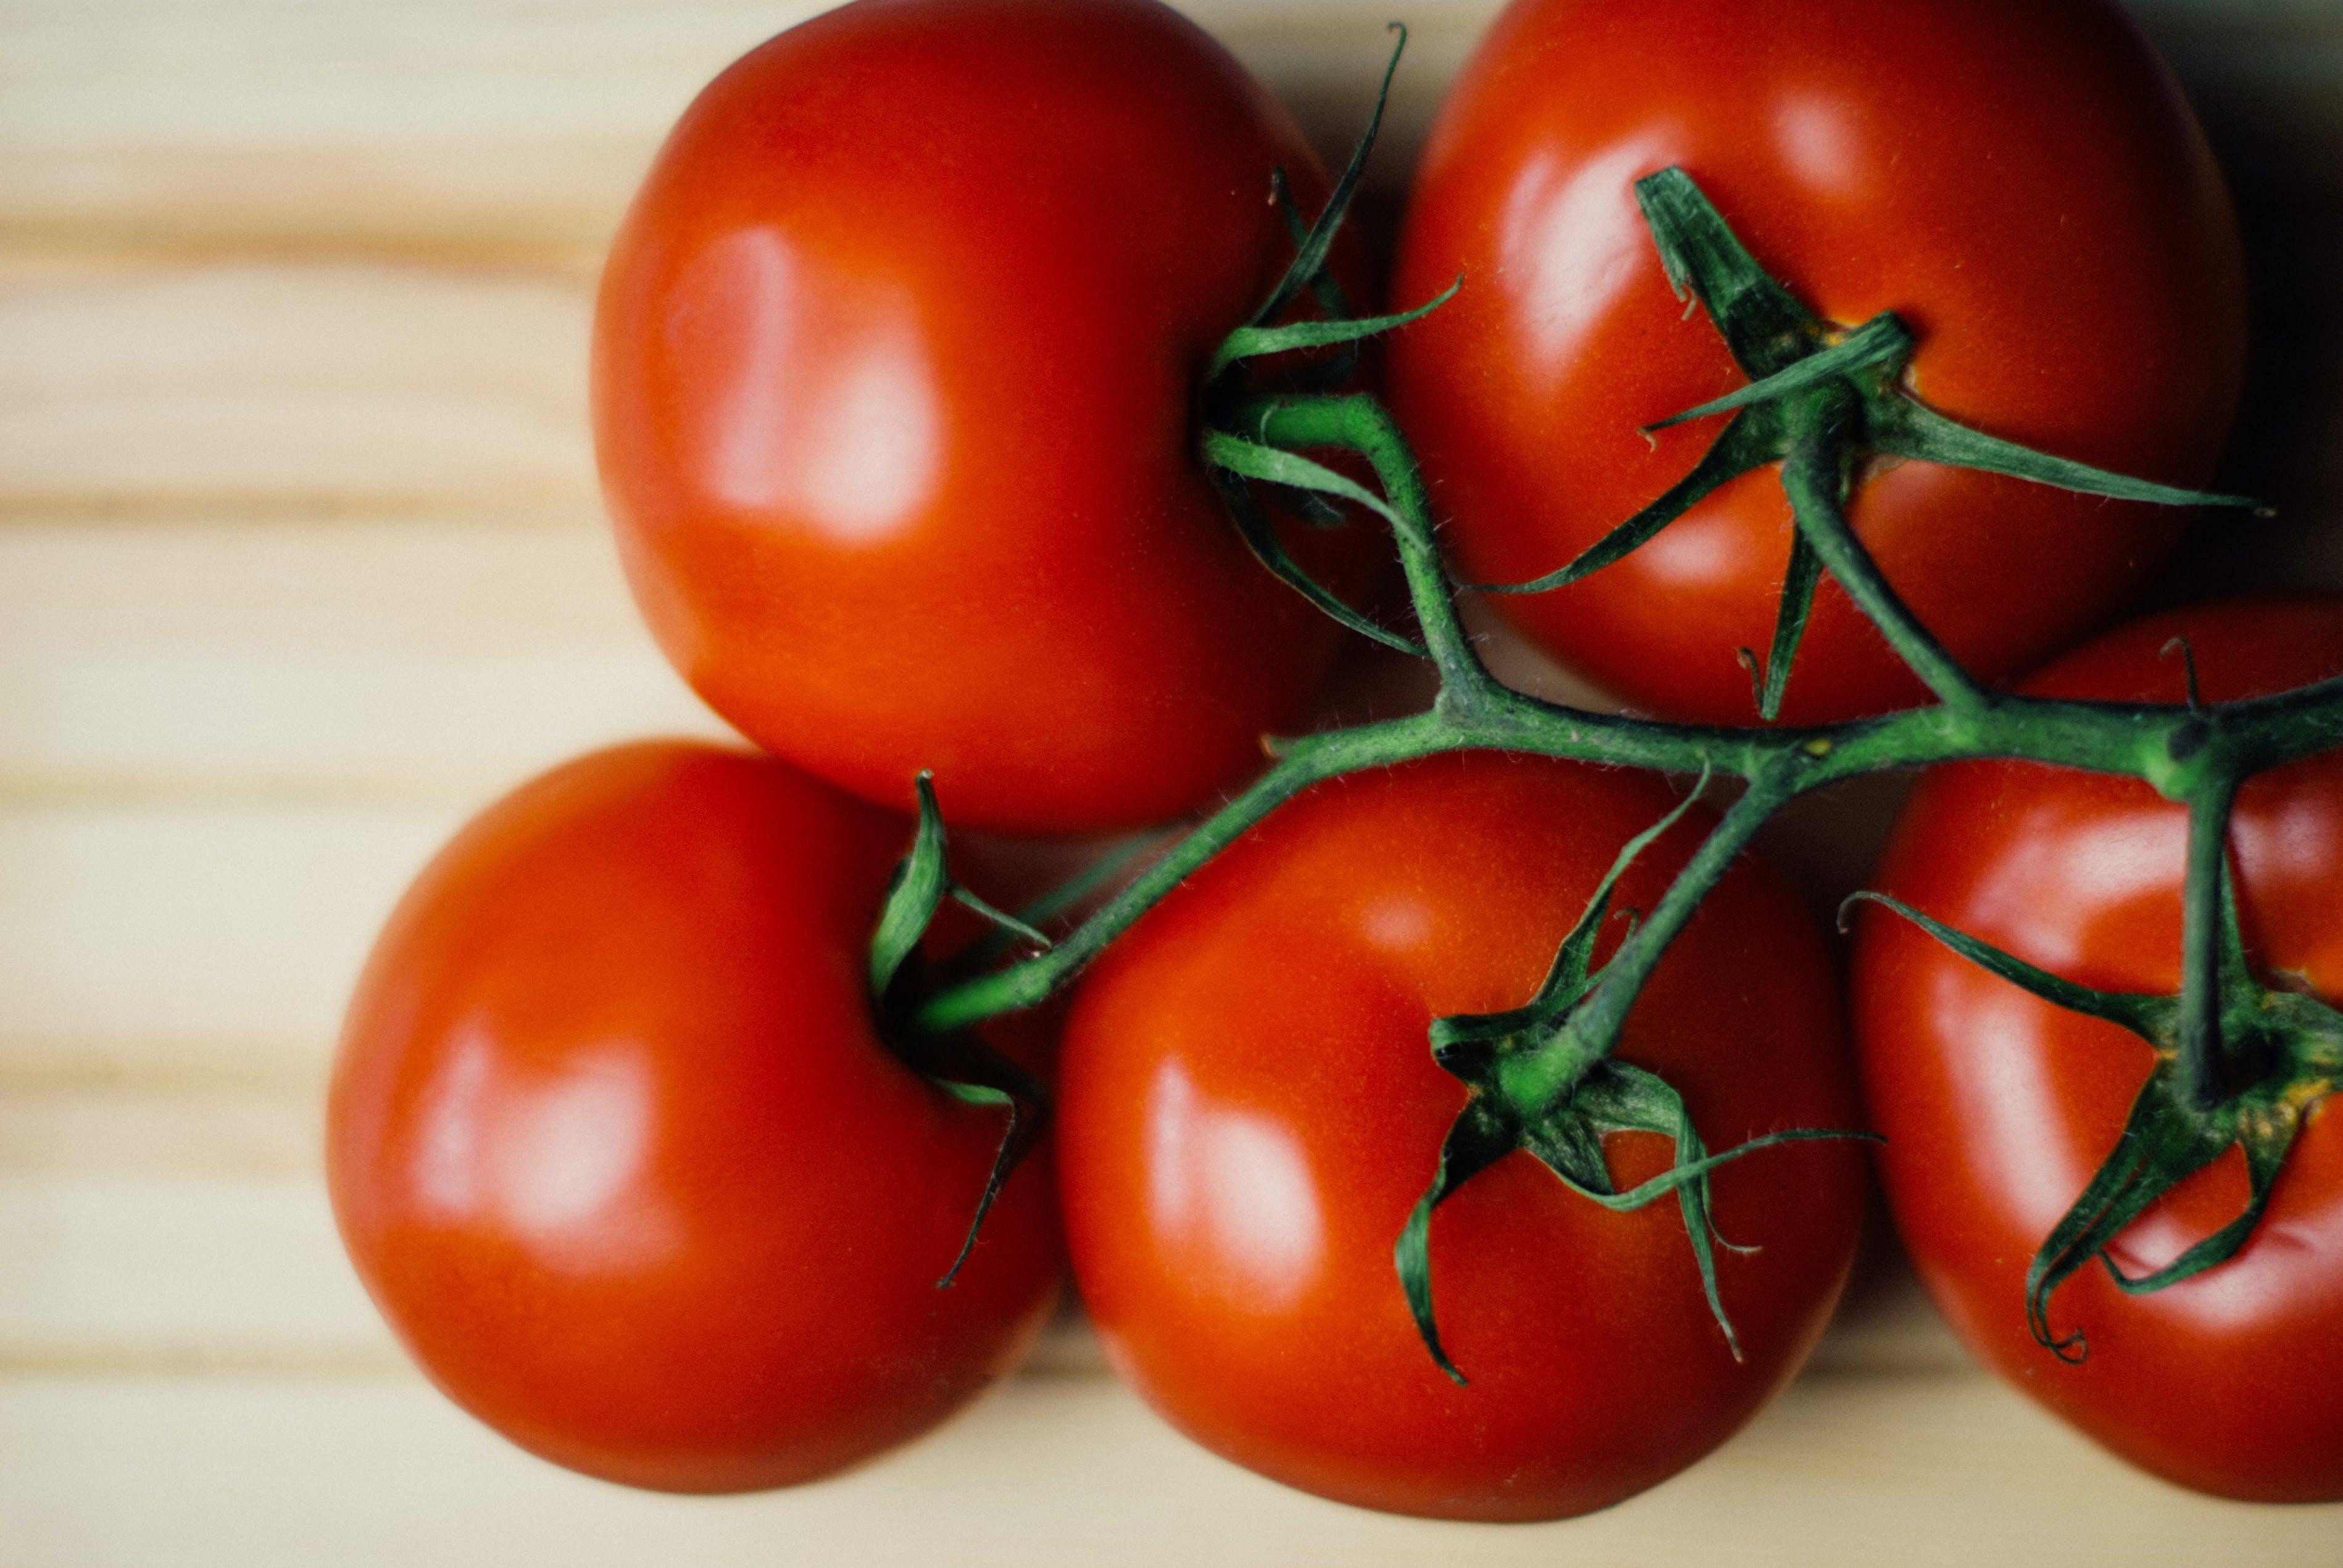 food, tomatoes, vegetable